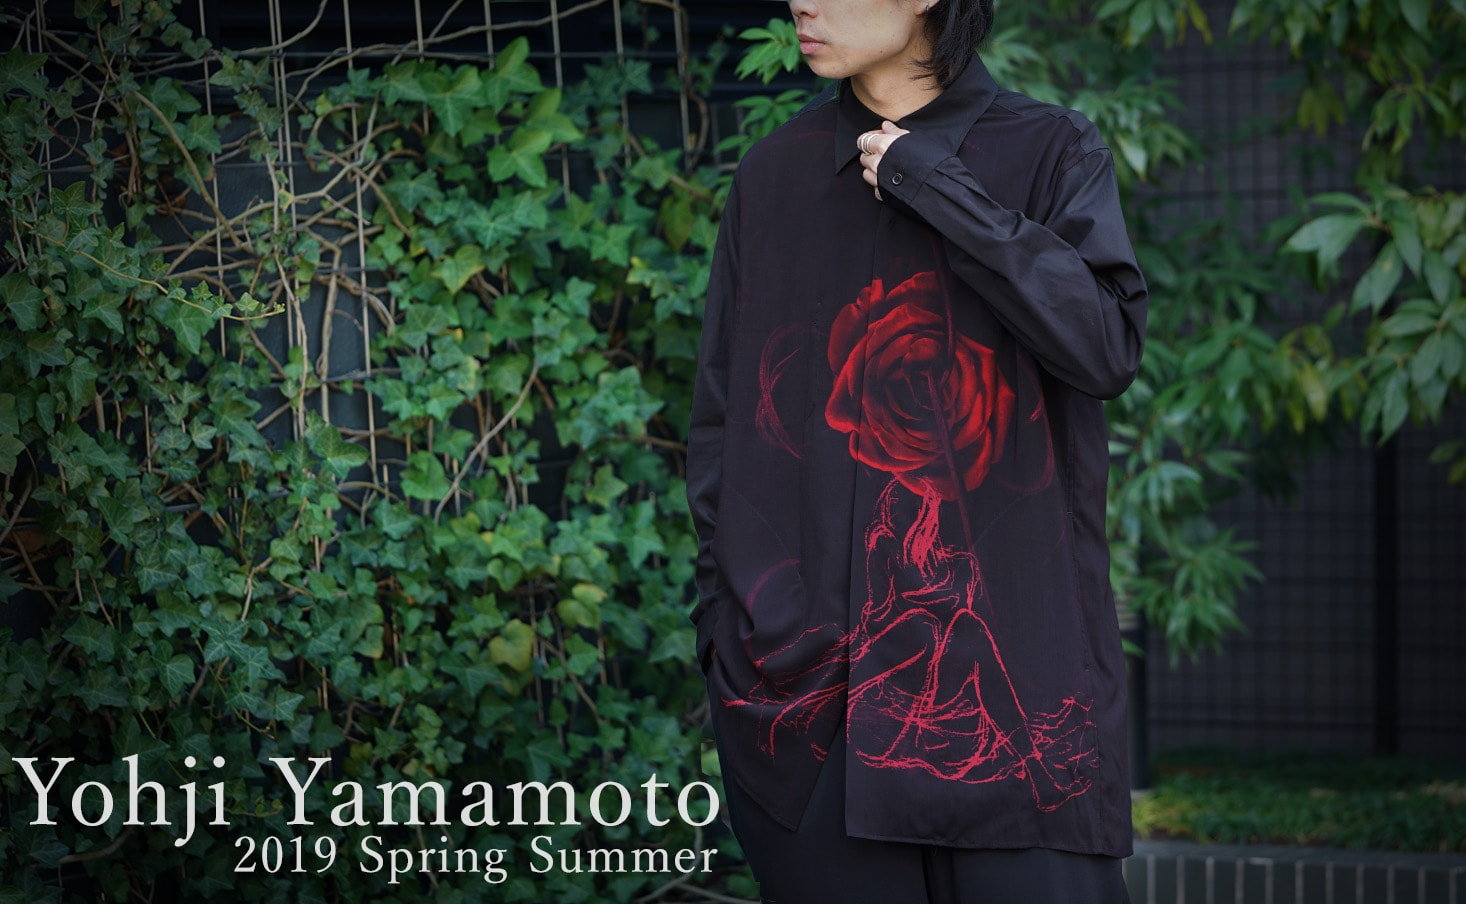 Yohji Yamamoto 2019SS collection